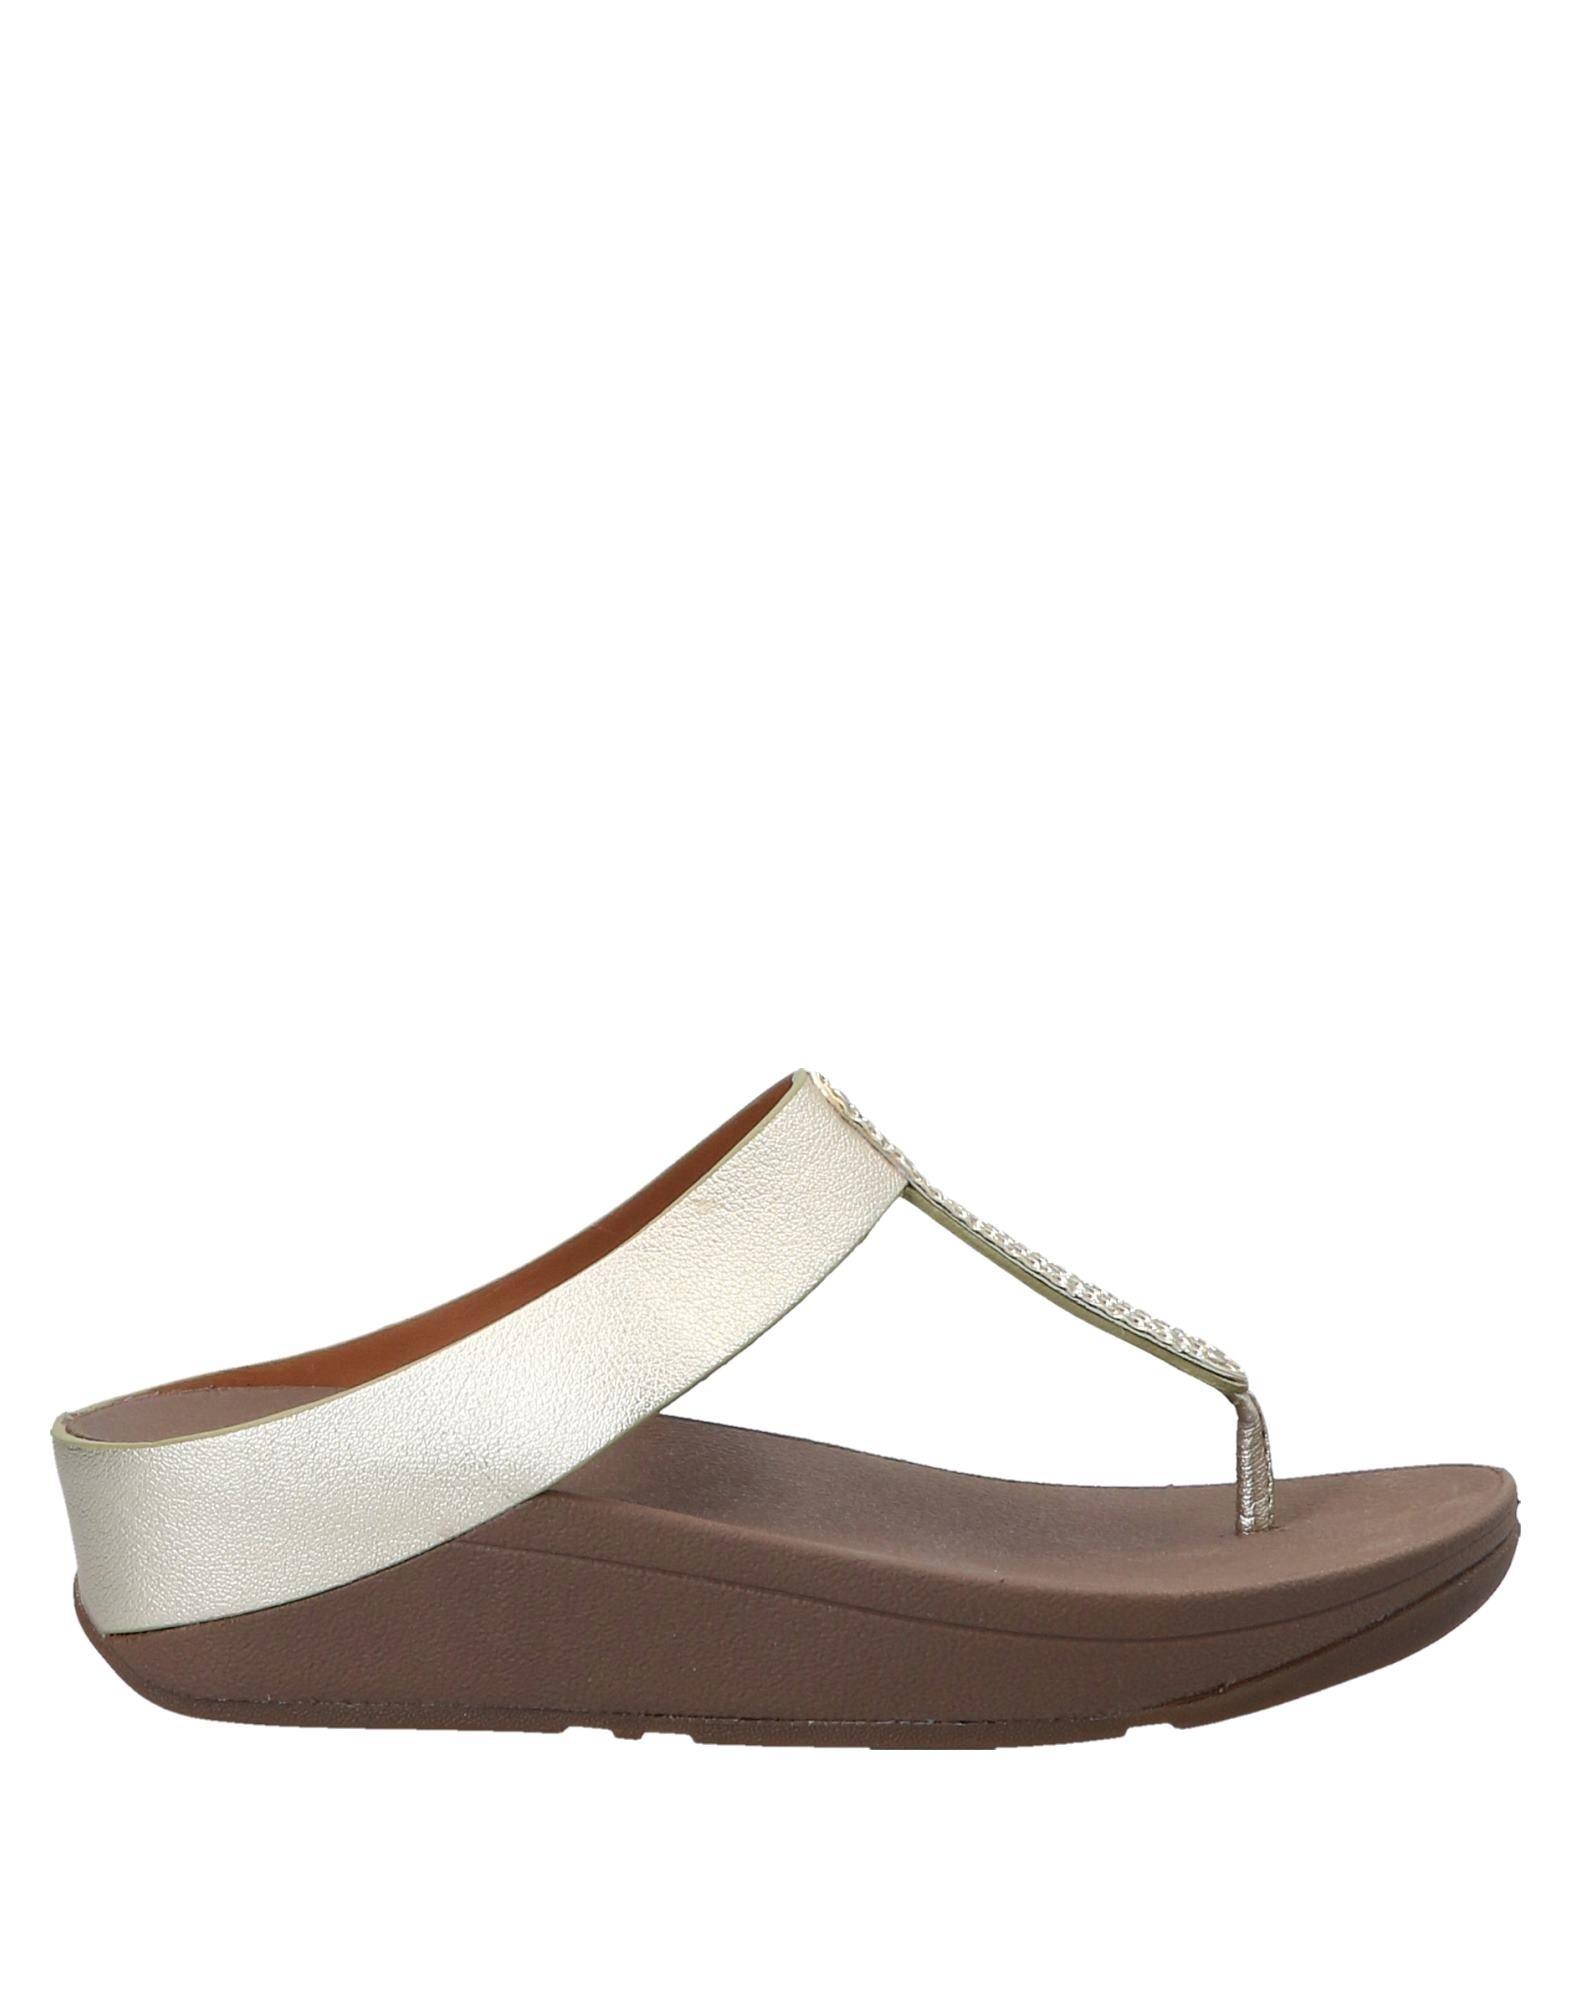 Fitflop Dianetten Damen  11549168TC Gute Qualität beliebte Schuhe